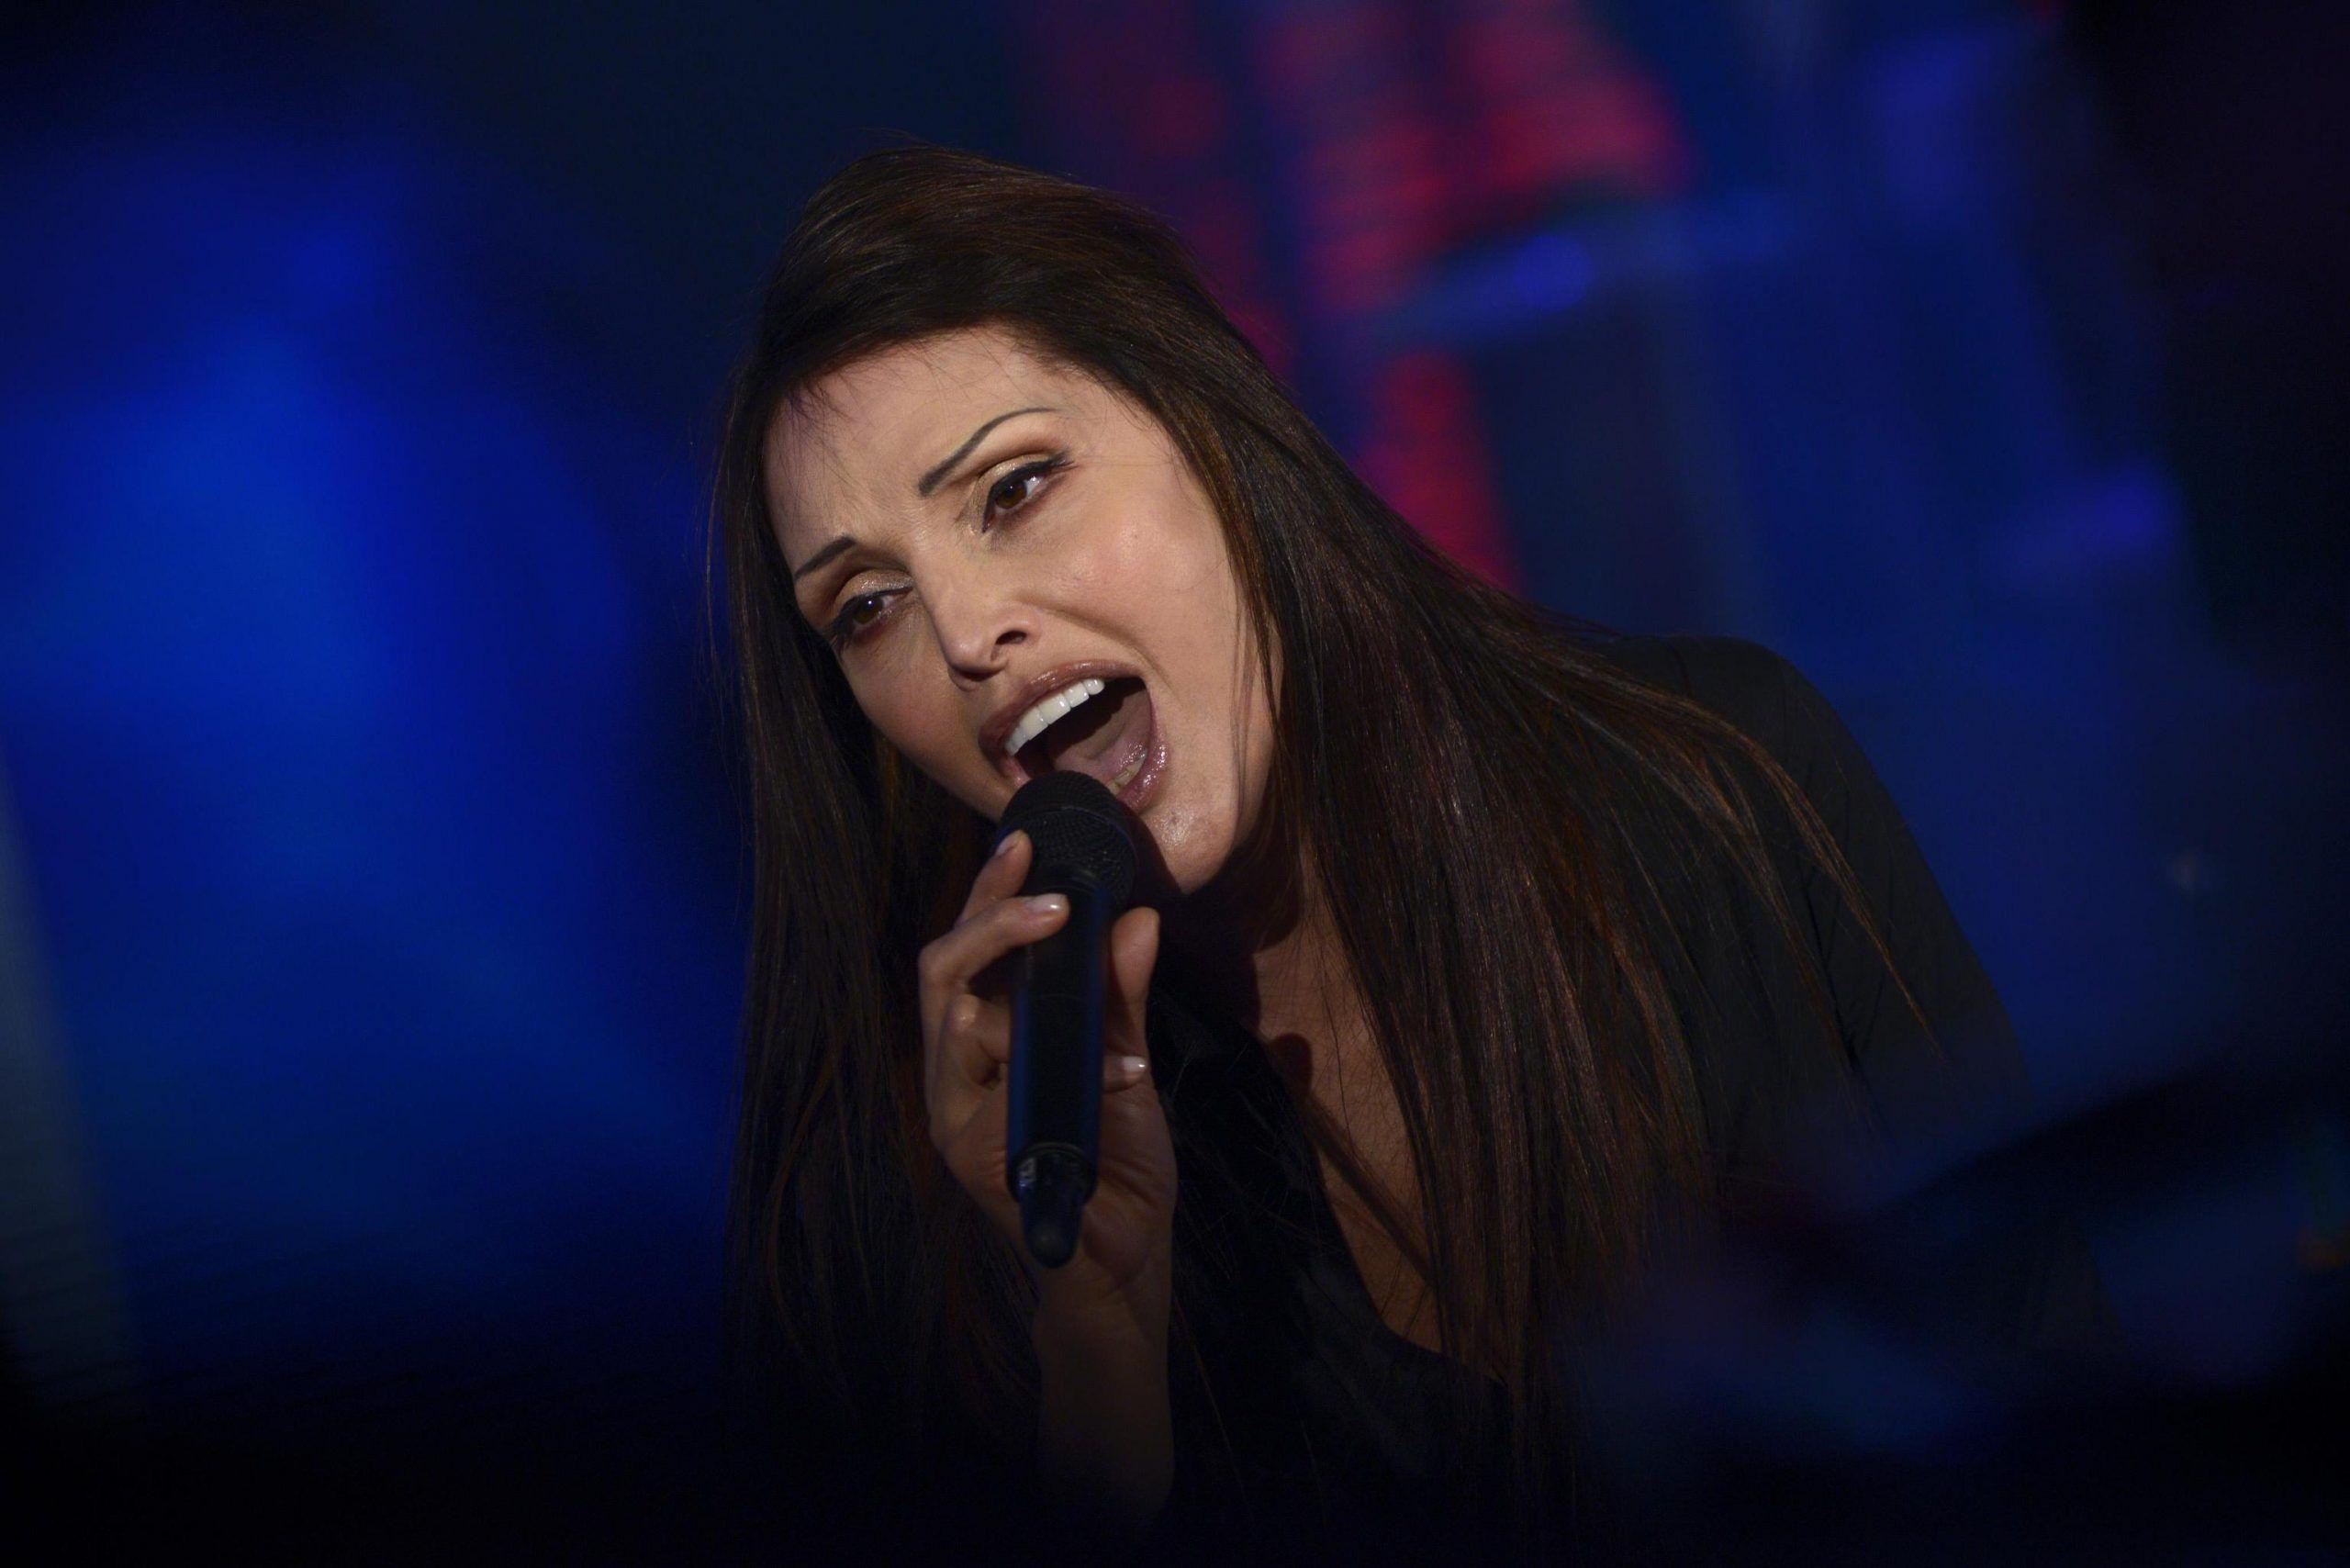 Anna Oxa, preoccupazione per la cantante che annulla due concerti: 'Problemi di salute'